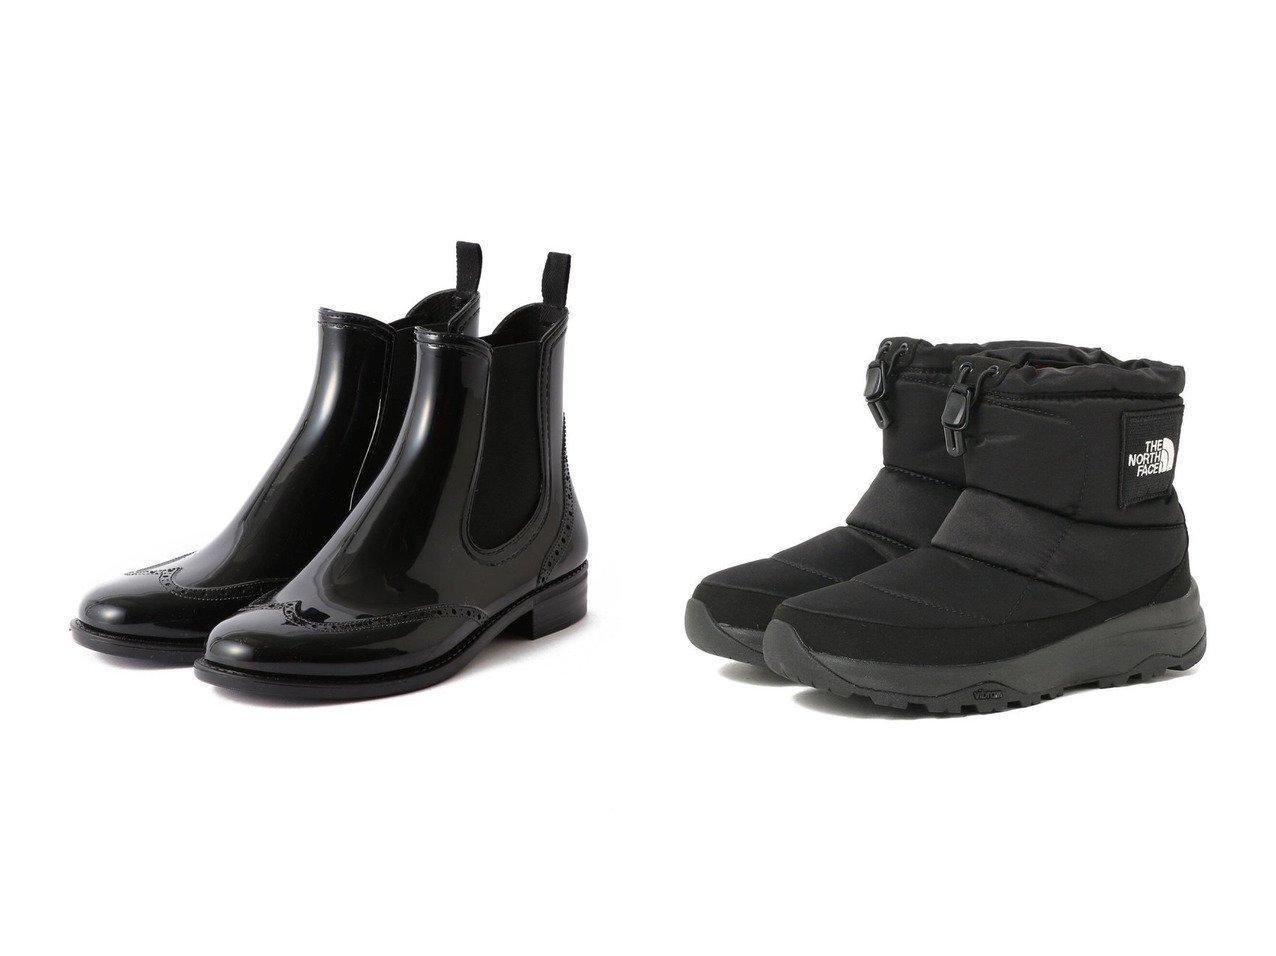 【BEAMS BOY/ビームス ボーイ】のNuptse Bootie WP Logo Short&【Demi-Luxe BEAMS/デミルクス ビームス】のウイングチップ サイドゴア レインブーツ シューズ・靴のおすすめ!人気、トレンド・レディースファッションの通販 おすすめで人気の流行・トレンド、ファッションの通販商品 メンズファッション・キッズファッション・インテリア・家具・レディースファッション・服の通販 founy(ファニー) https://founy.com/ ファッション Fashion レディースファッション WOMEN アウトドア クッション シューズ スニーカー スリッポン 冬 Winter 定番 Standard A/W 秋冬 AW Autumn/Winter / FW Fall-Winter キルティング ジャケット ベーシック |ID:crp329100000011805